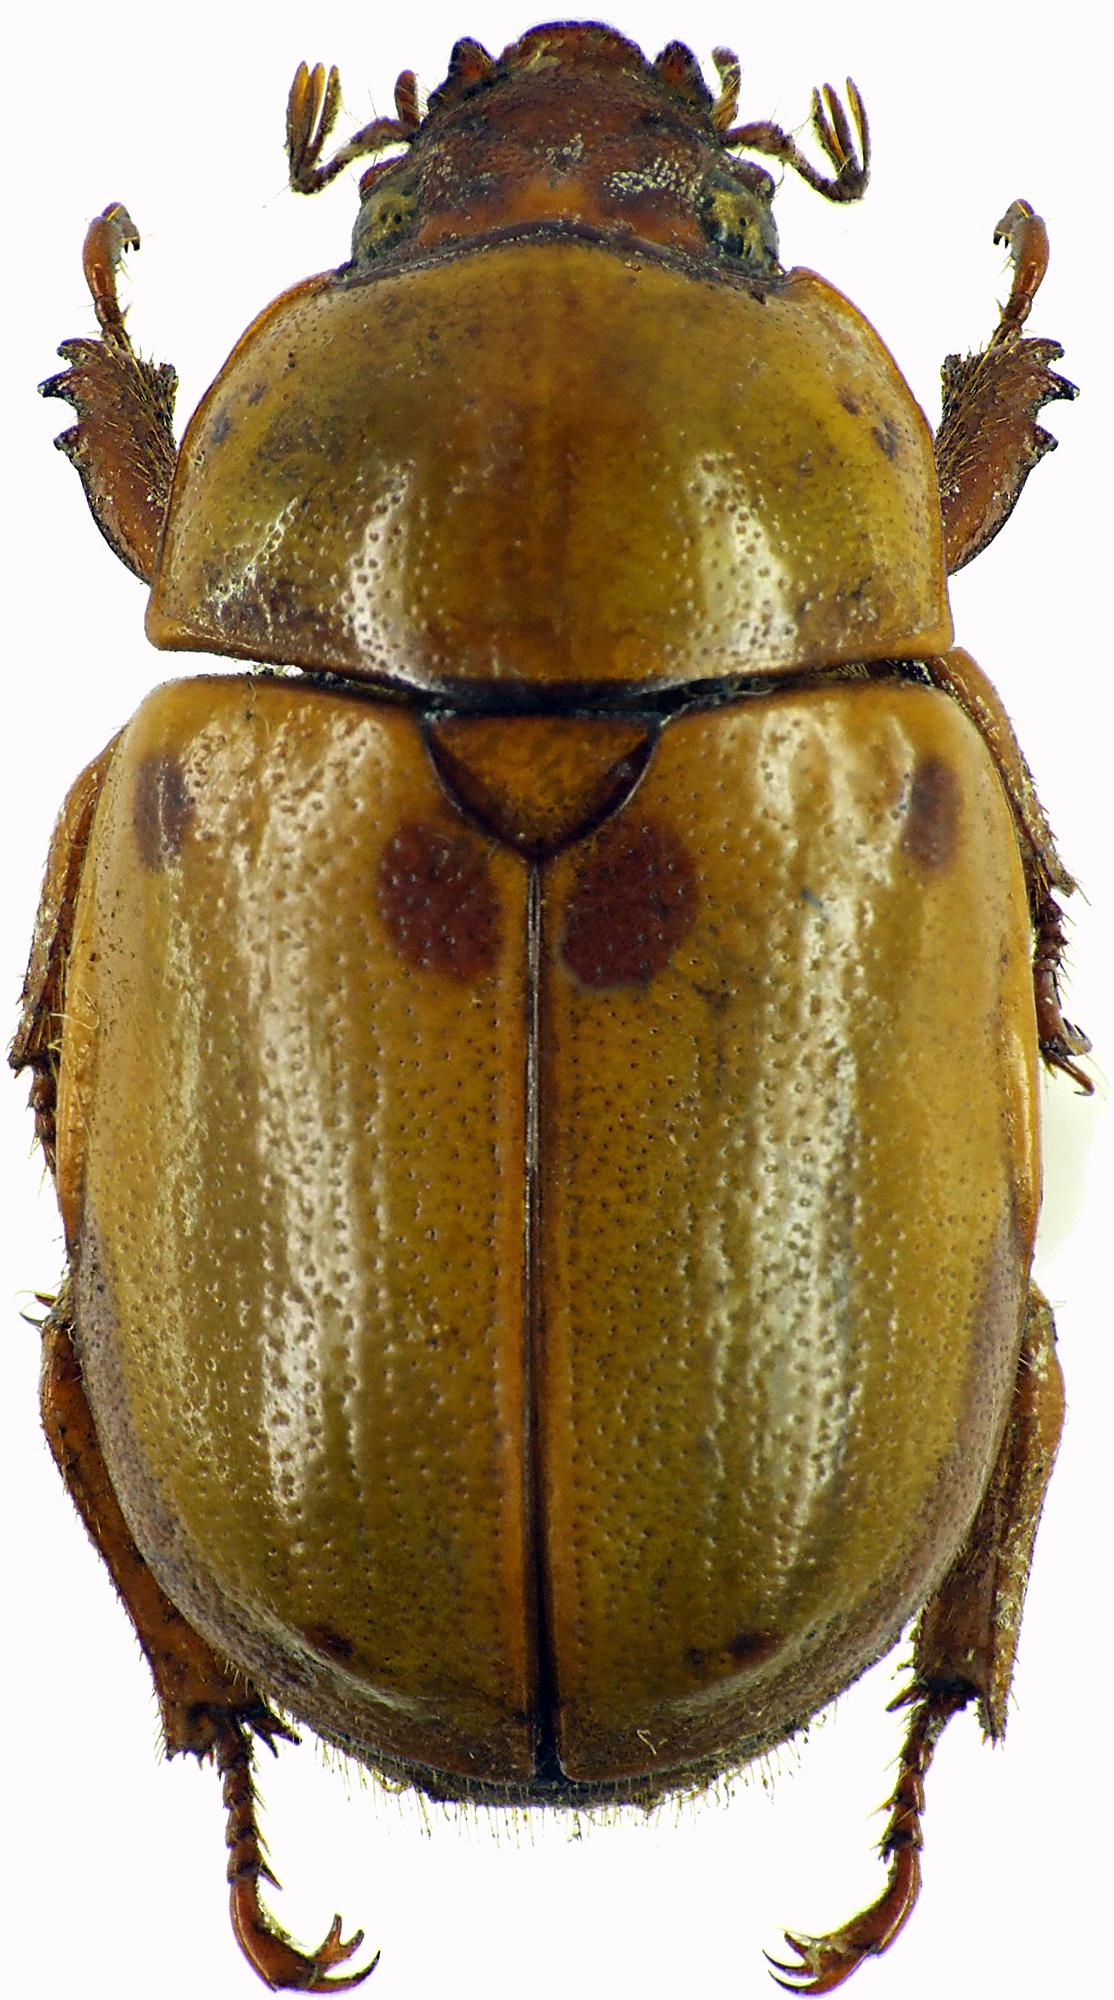 Fruhstorferia sexmaculata 28598cz04.jpg